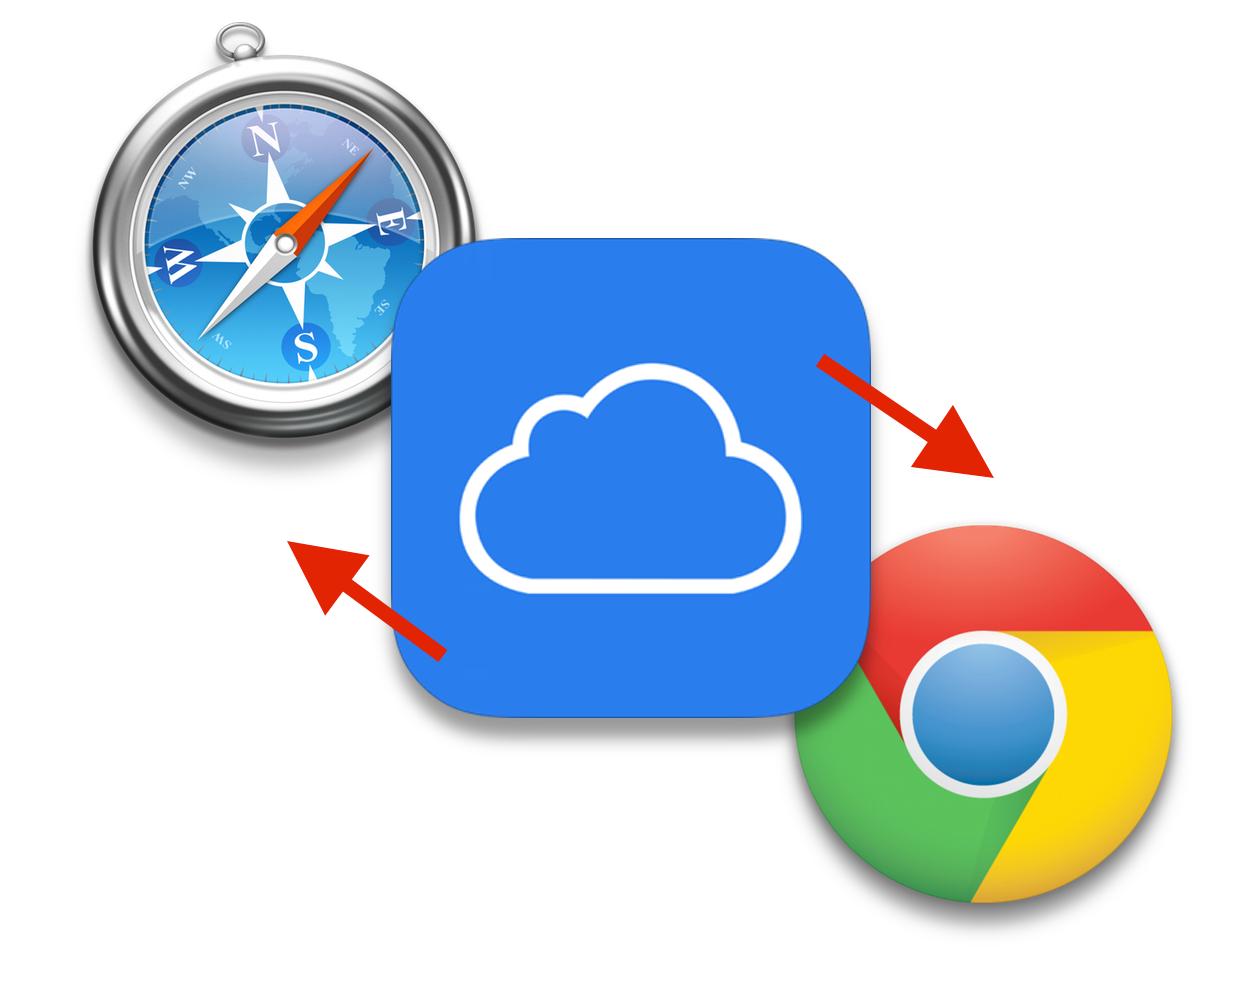 Как научить Chrome и Firefox на Mac работать с вкладками iCloud и удобно просматривать страницы, открытые на iOS-устройствах